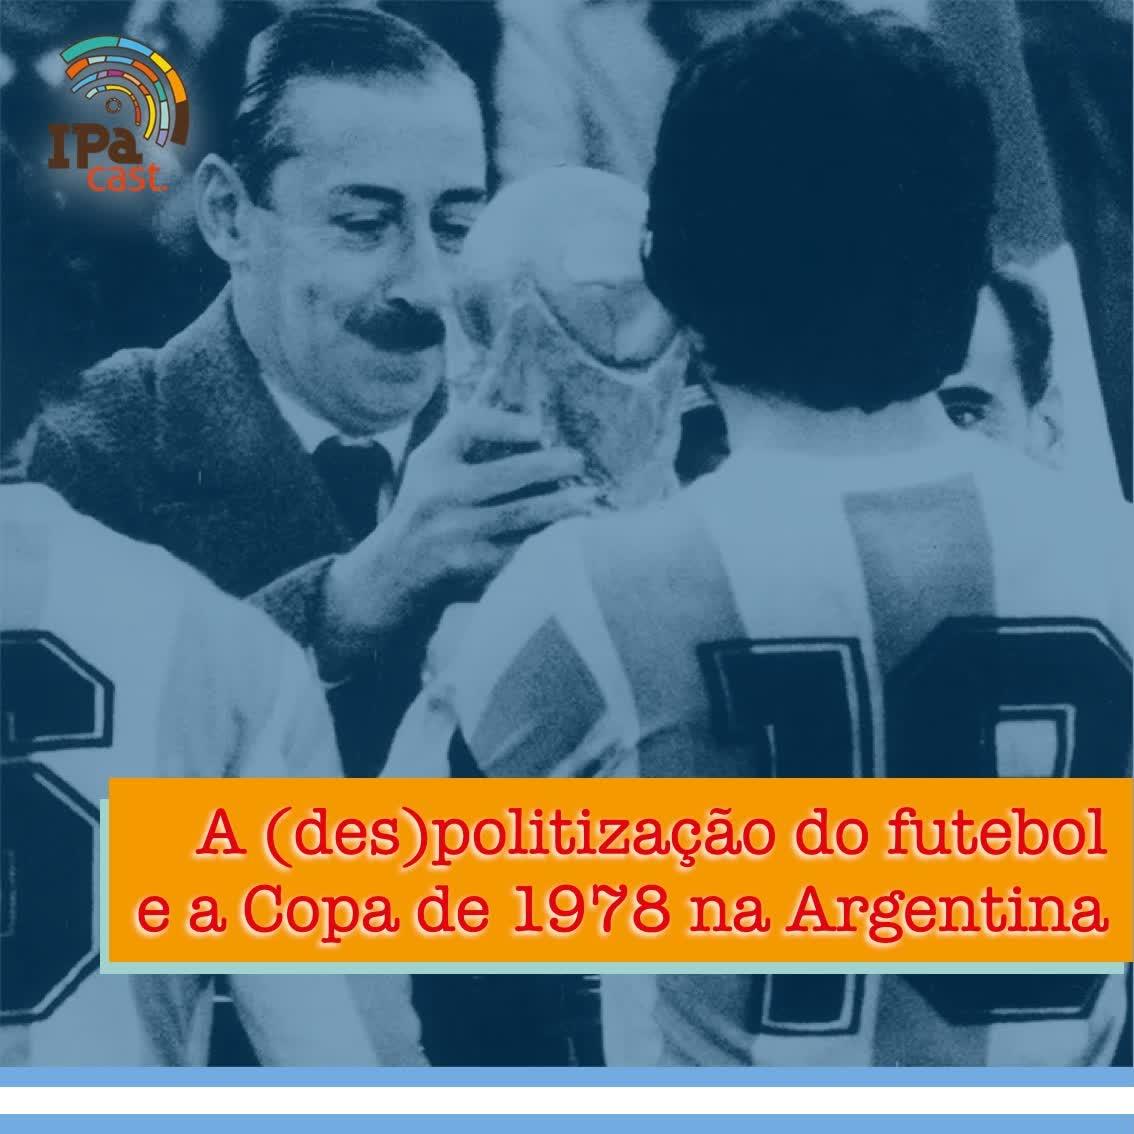 IPACast #016 A (des)politização do Futebol e a Copa do Mundo de 1978 na Argentina